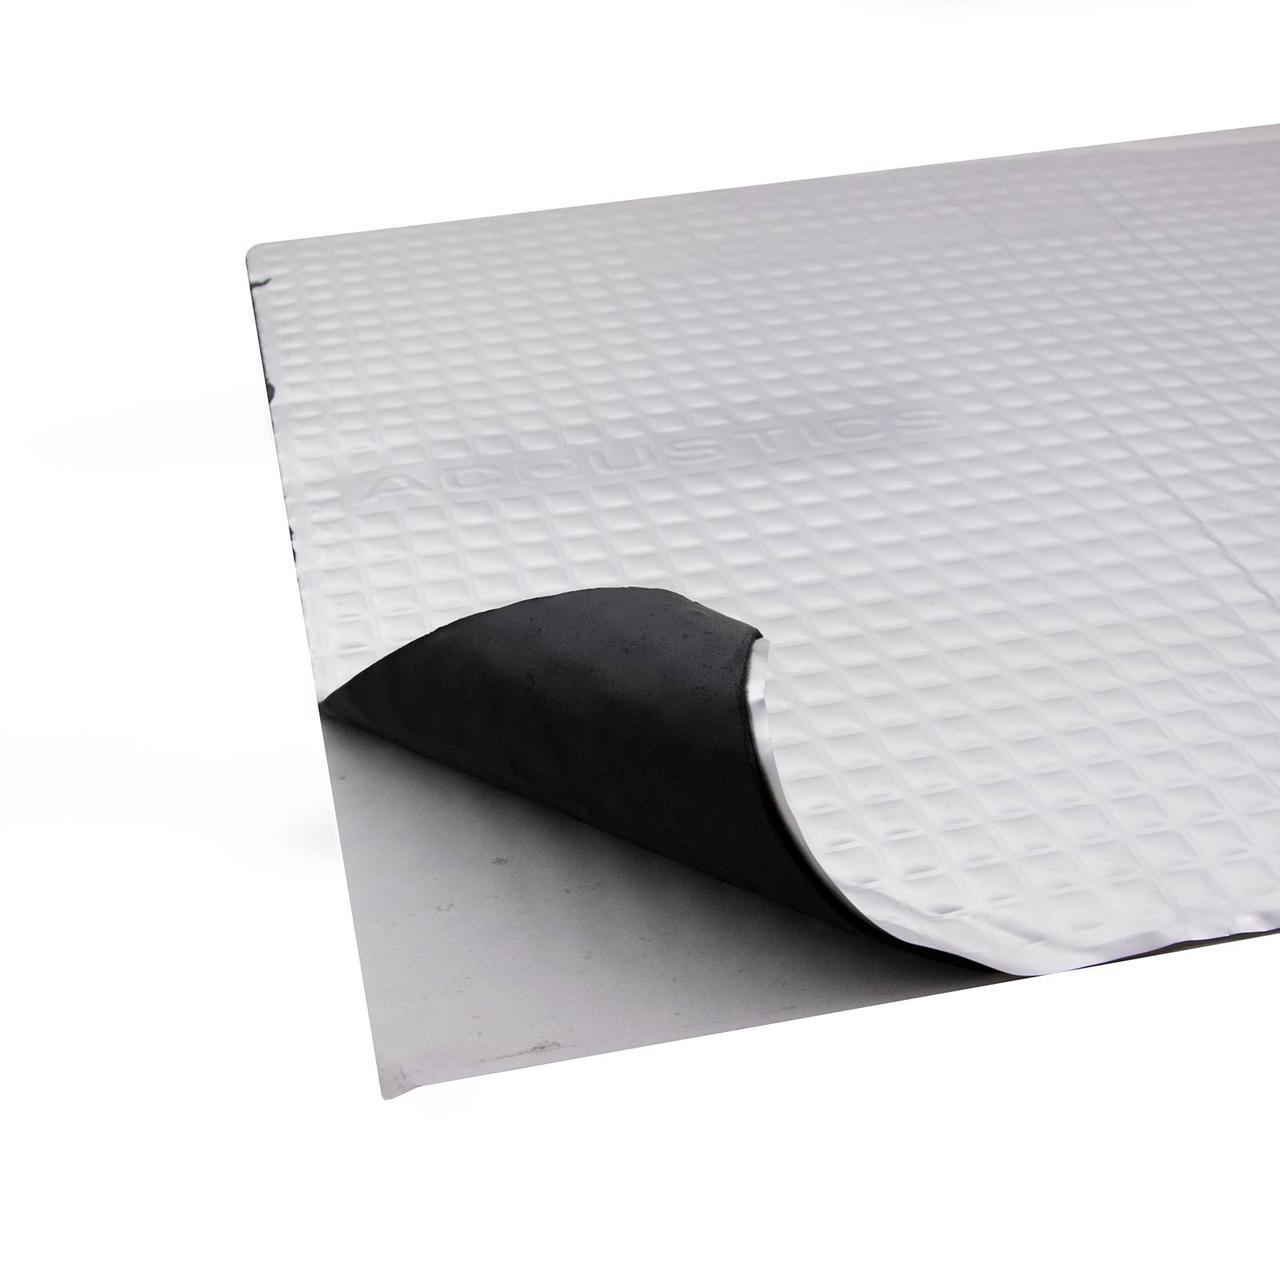 Віброізоляція для авто 700х500х3мм Acoustics Alumat (ac-alumat-3)